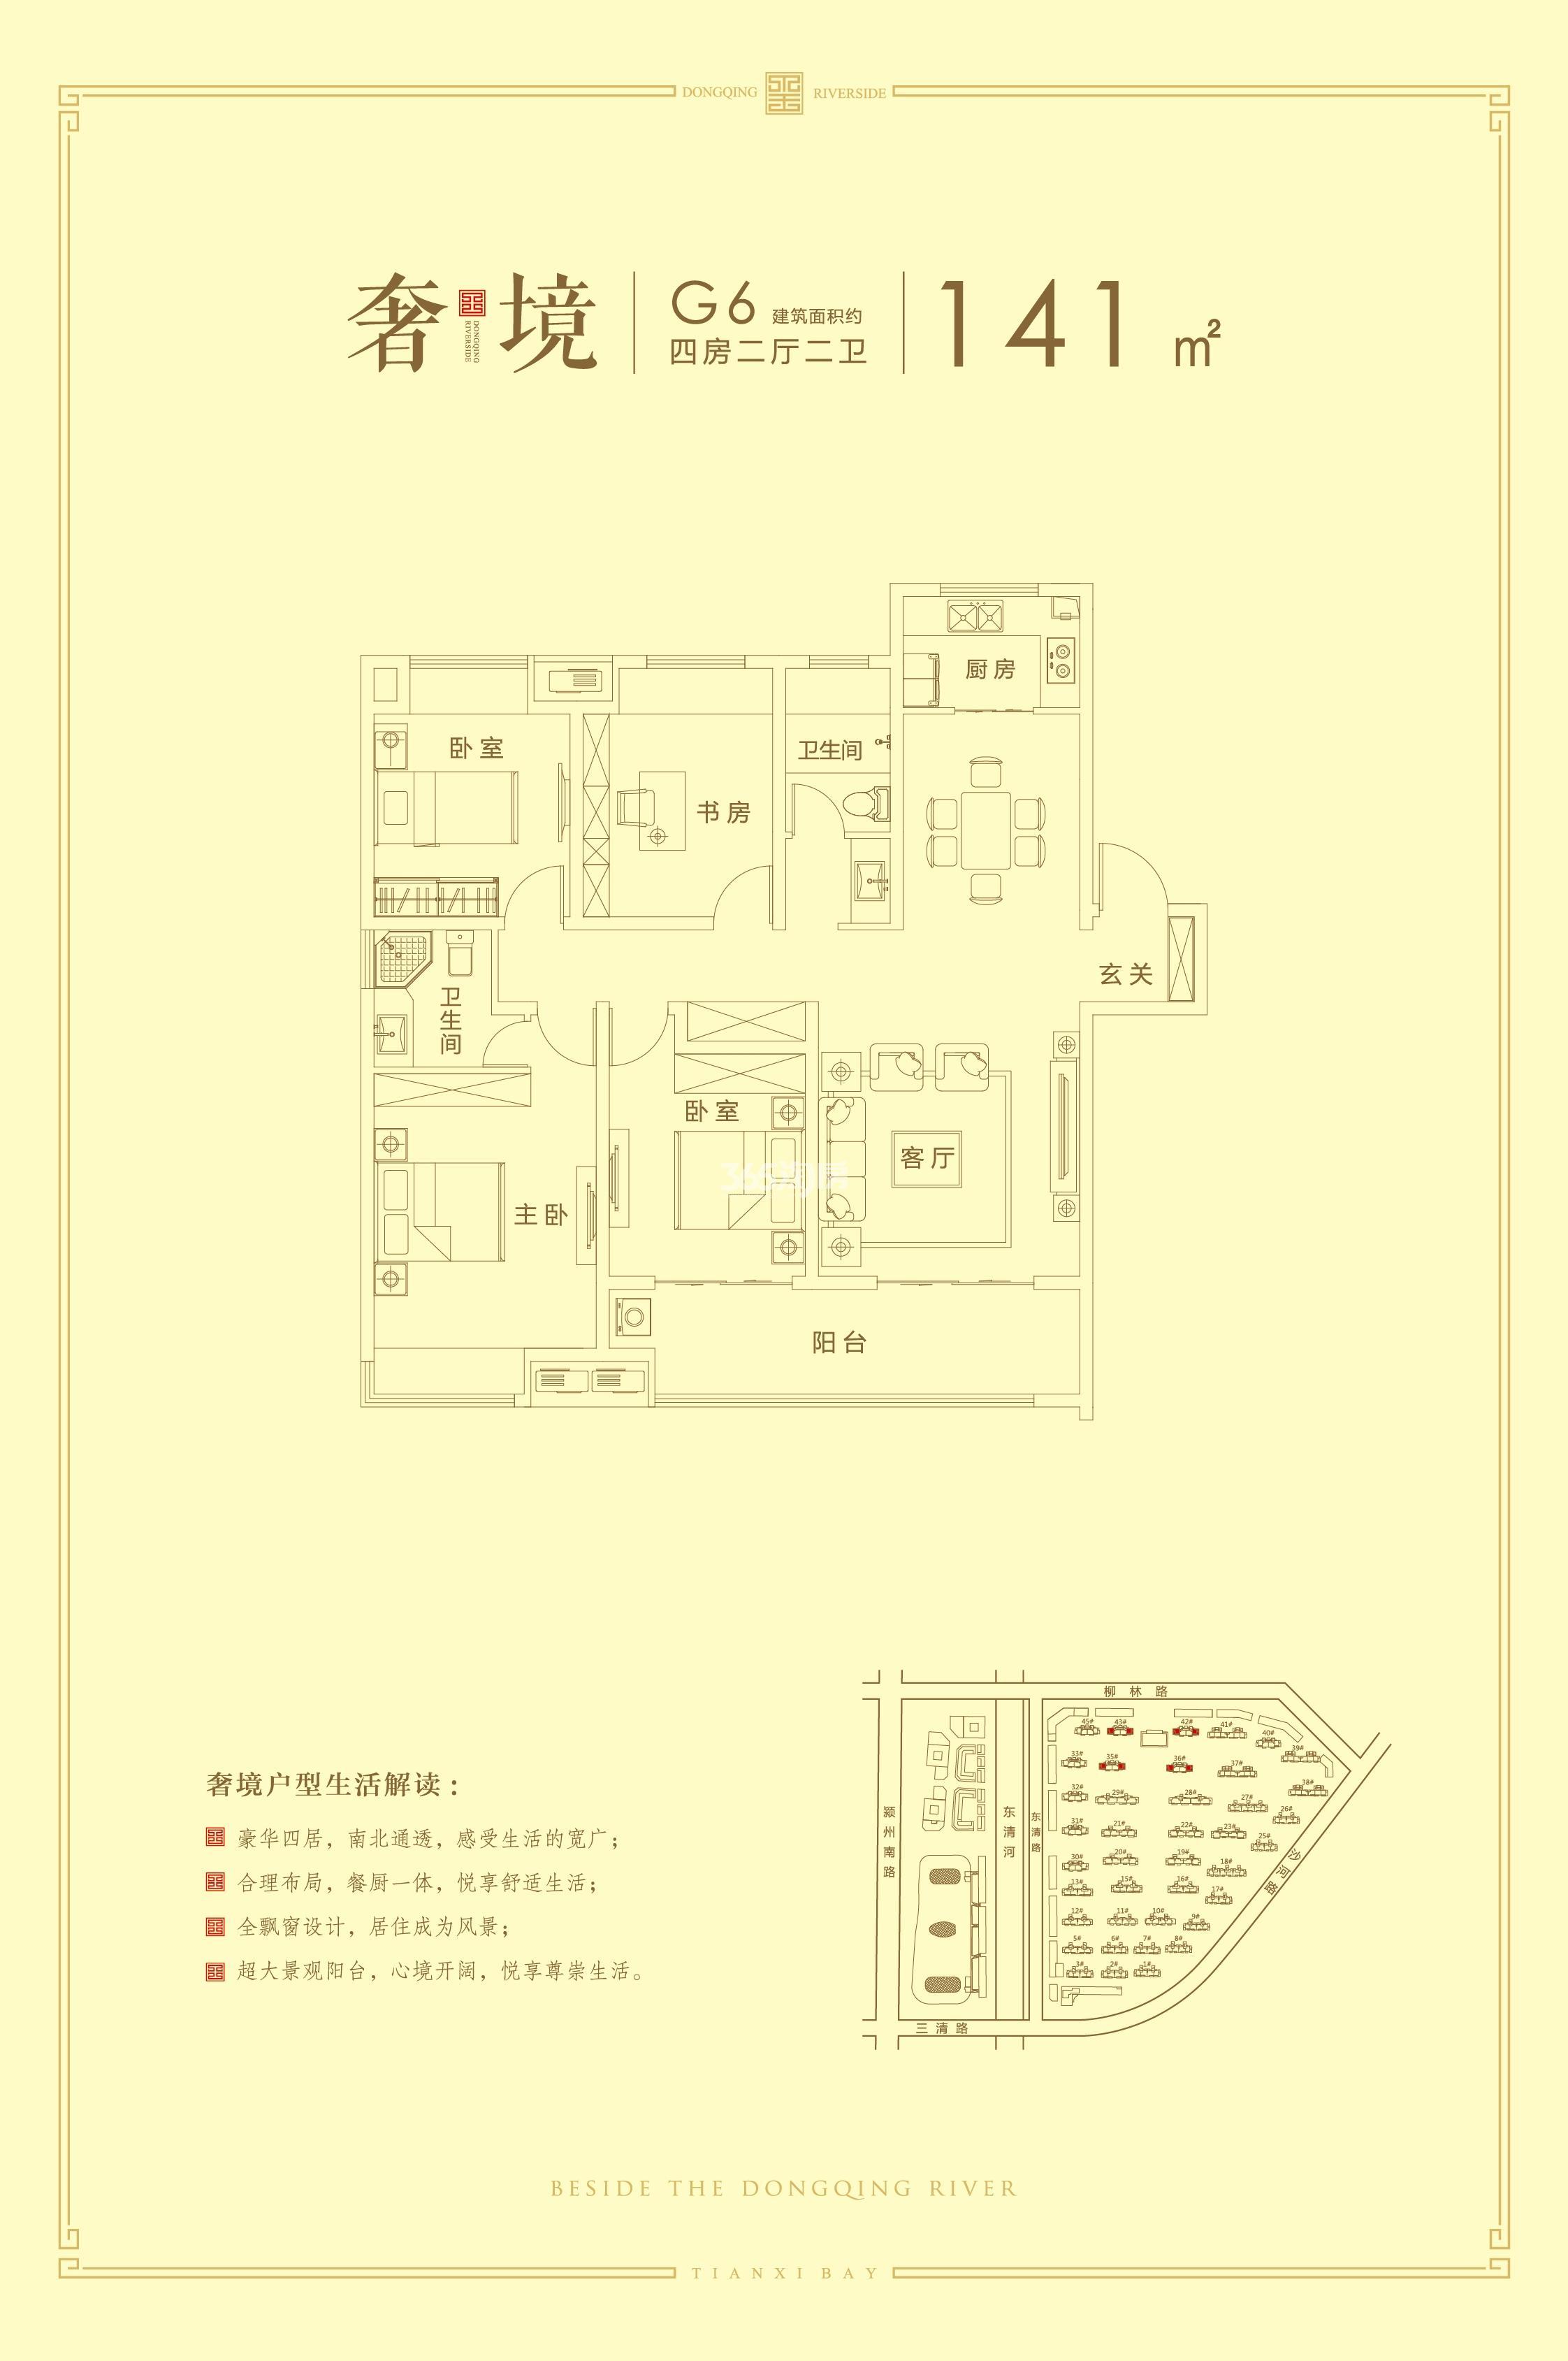 红星天玺湾奢境G6:四室 二厅 二卫 141㎡